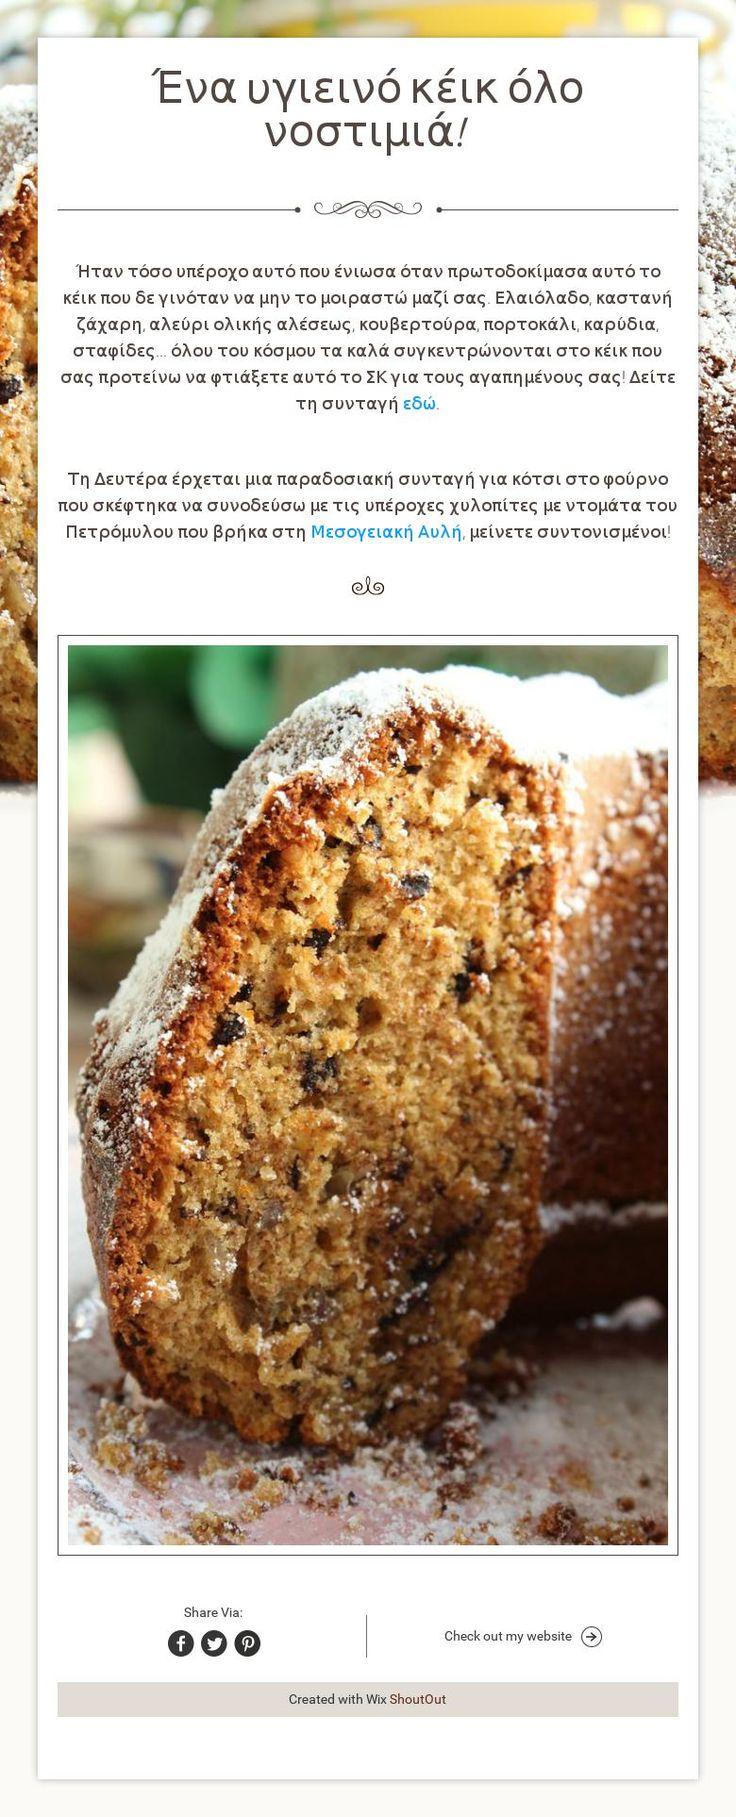 Ένα υγιεινό κέικ όλο νοστιμιά!